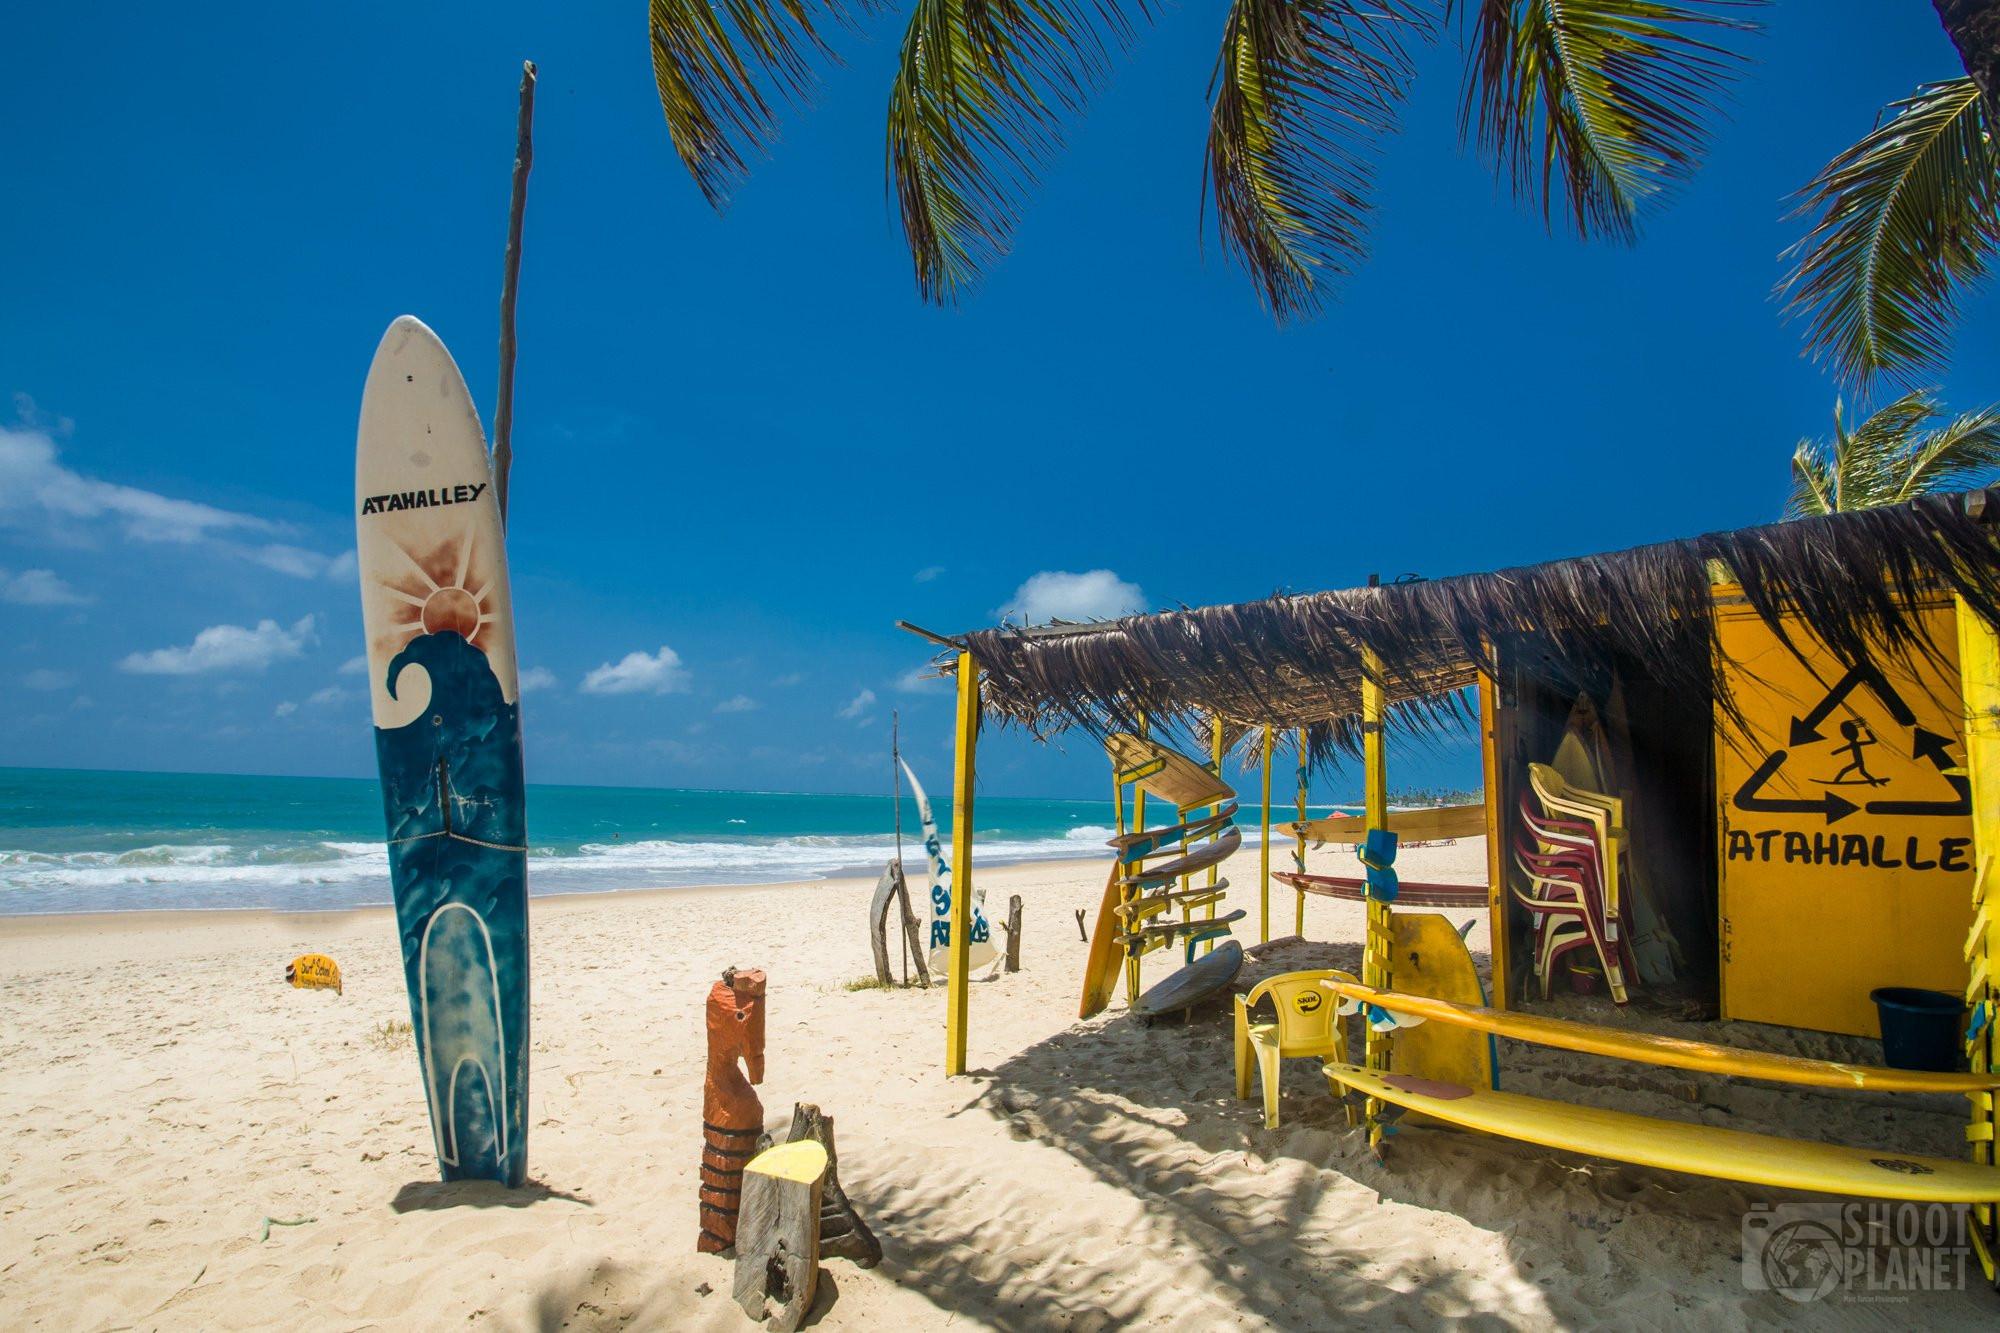 Porto de Galinhas beach surfboards, Brazil